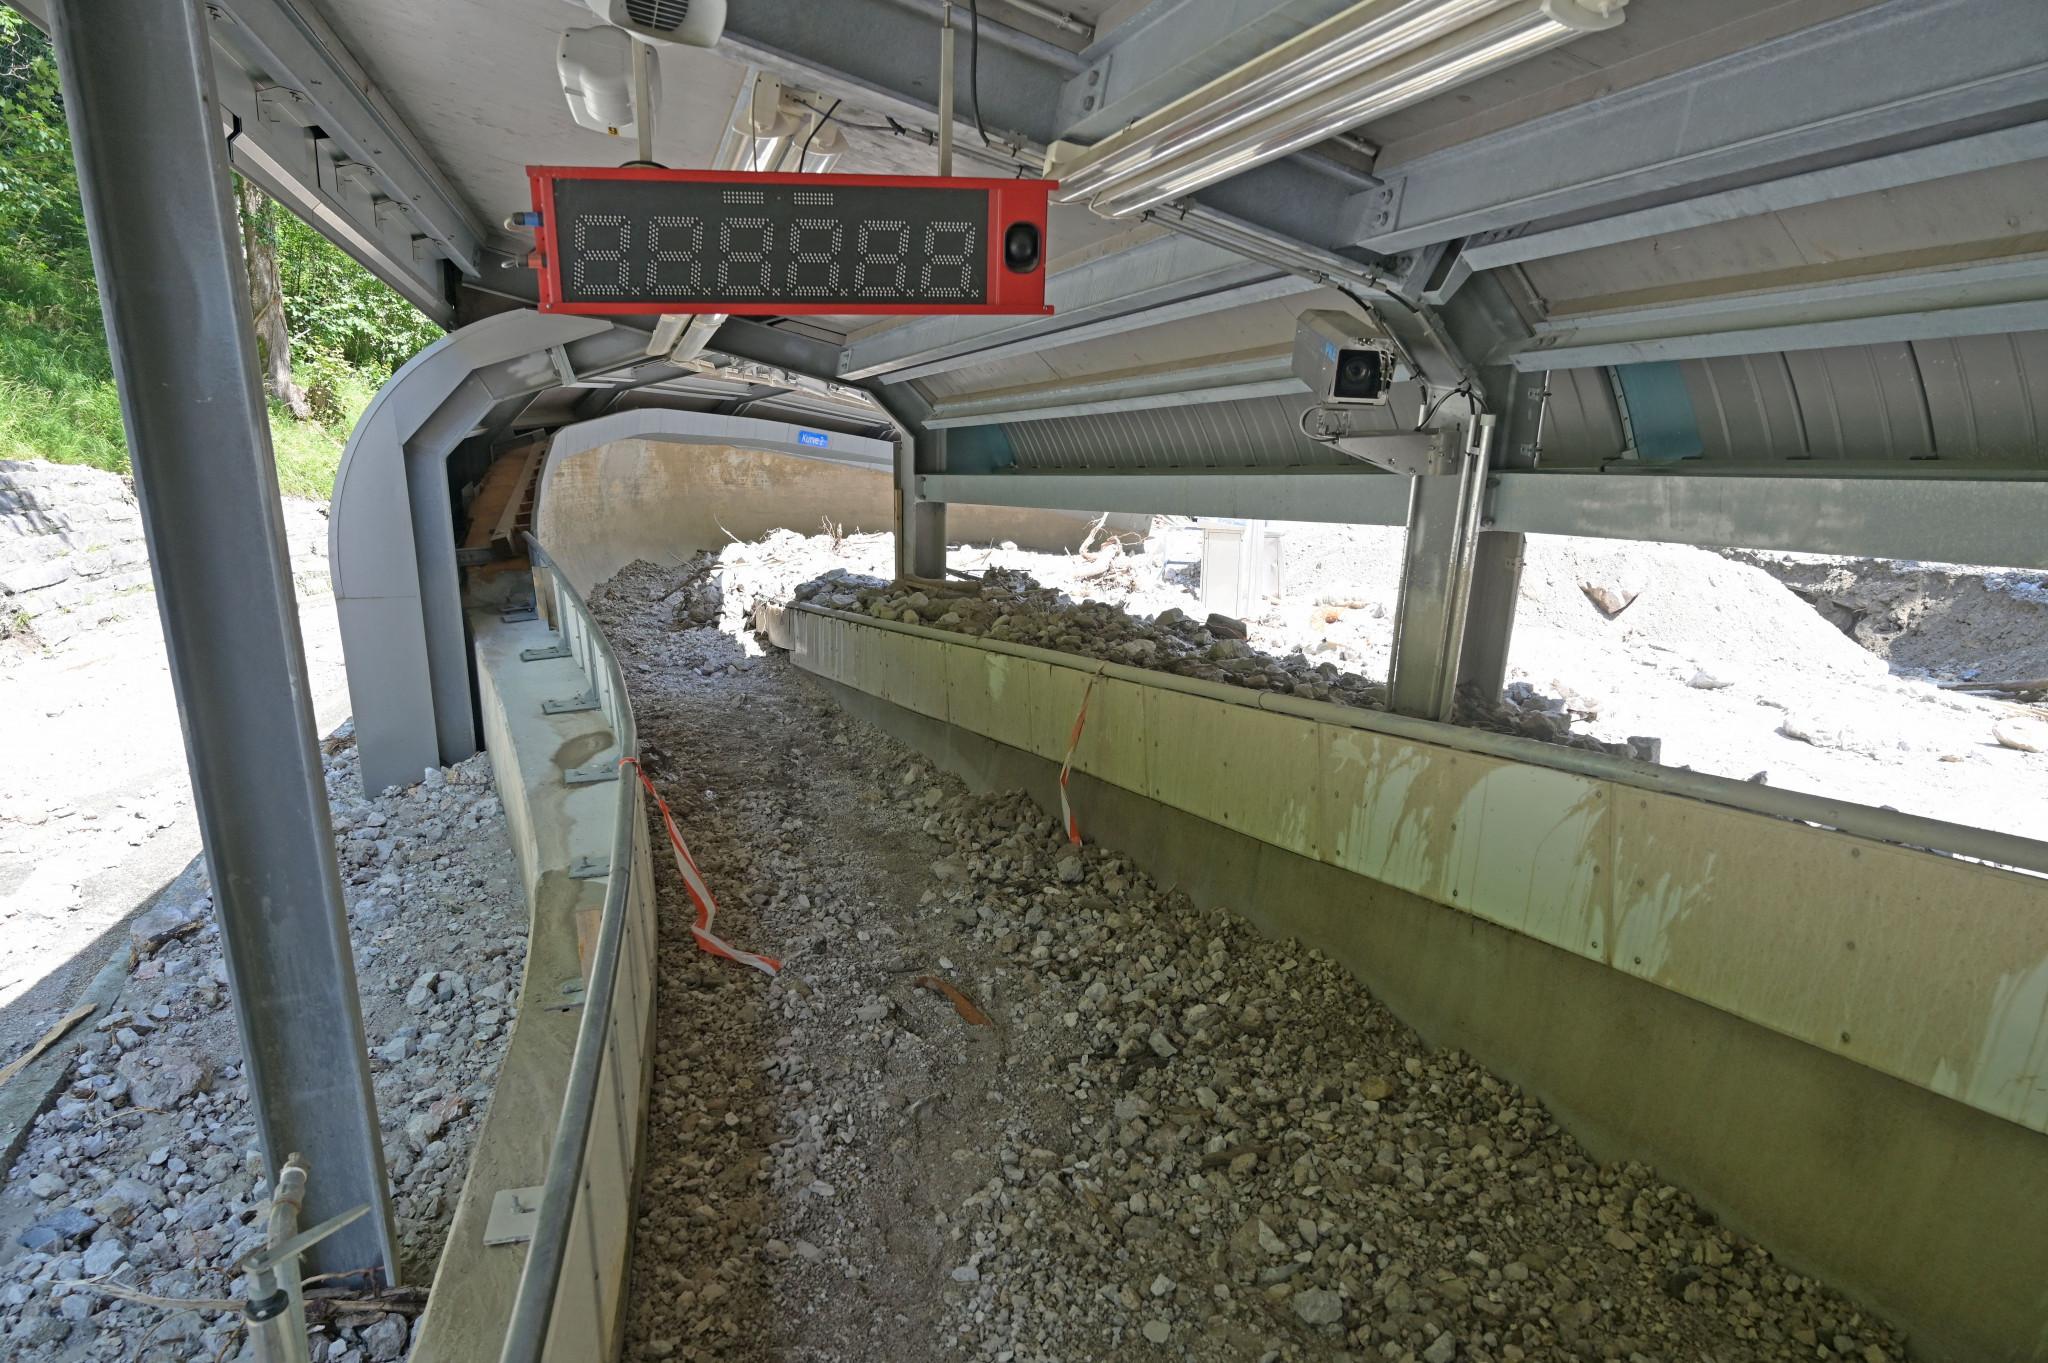 Königssee track director hopes facility can be rebuilt after devastating floods